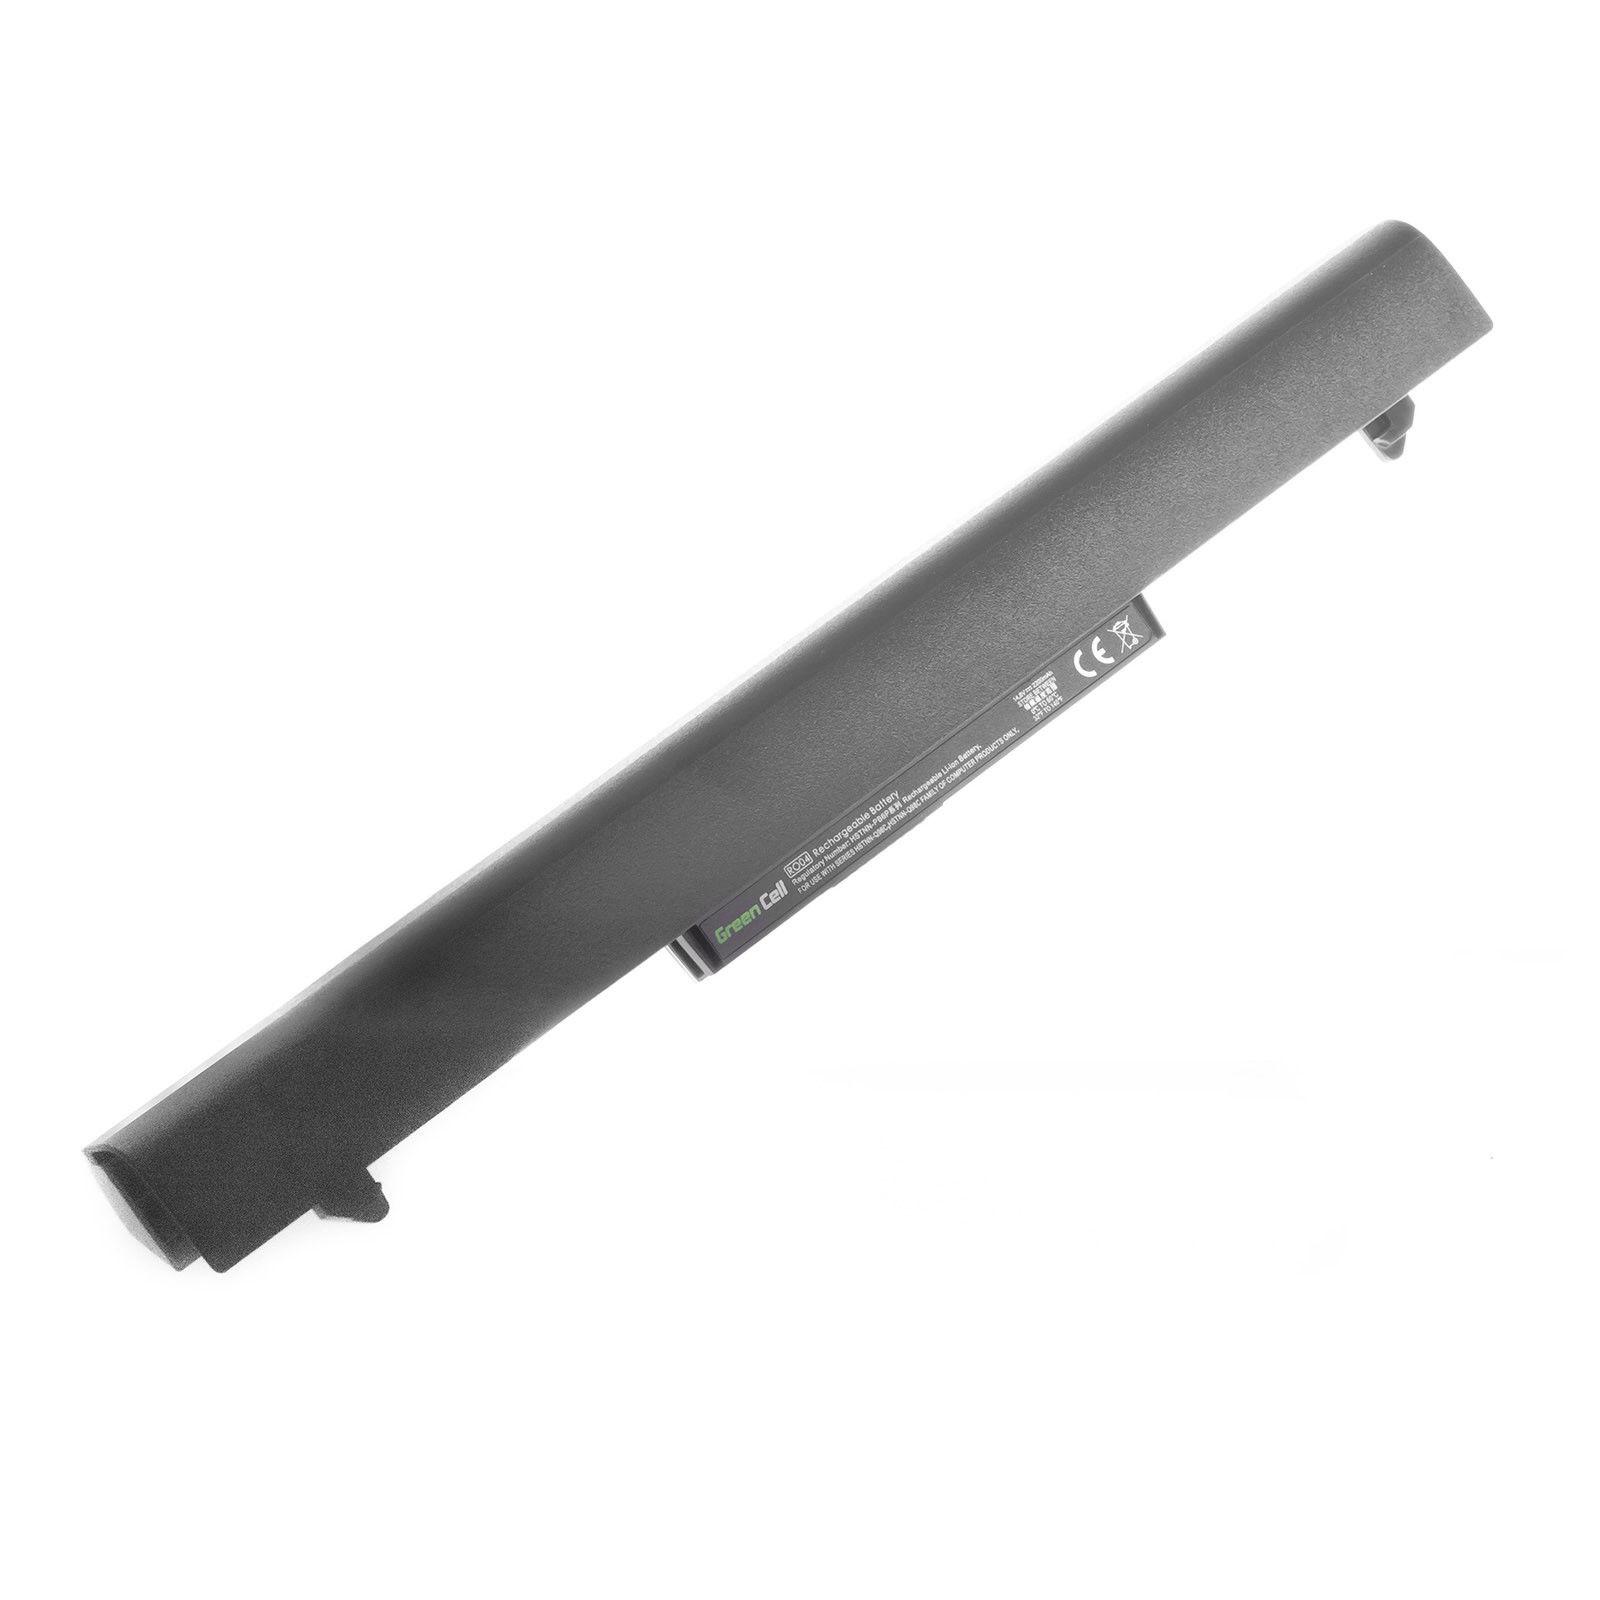 Akku für HP RO04 ProBook 430 440 430 G3 440 G3 HSTNN-LB7A HSTNN-PB6P(Ersatz)